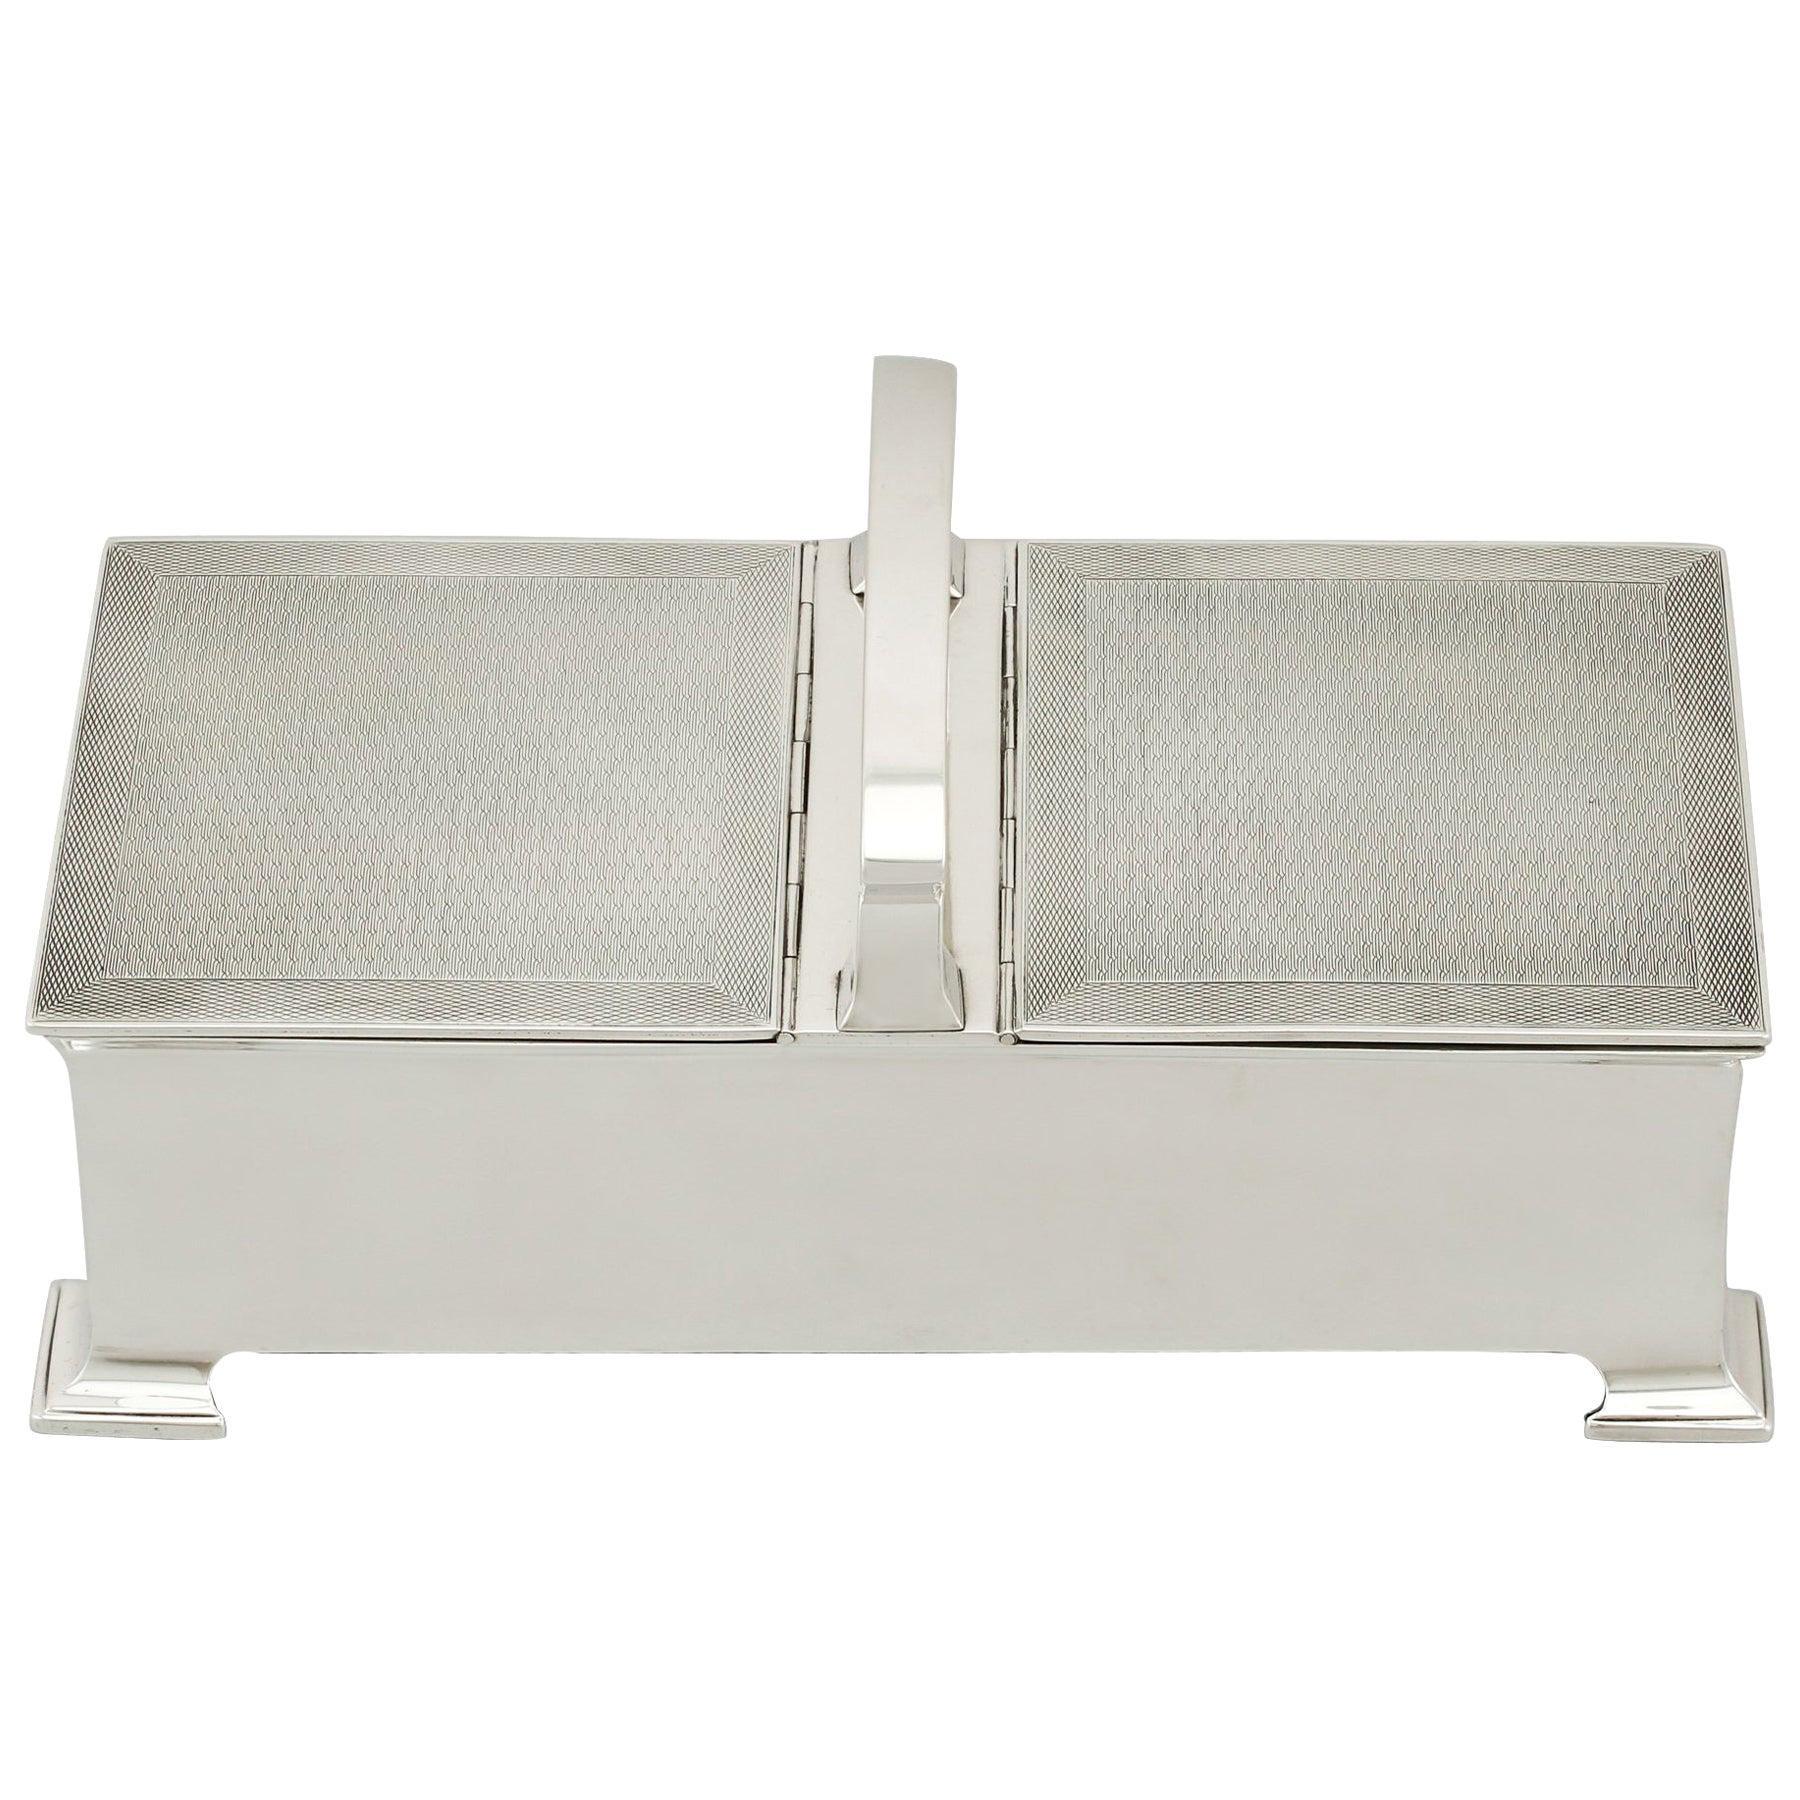 Antique Sterling Silver Cigarette Box by Horton & Allday